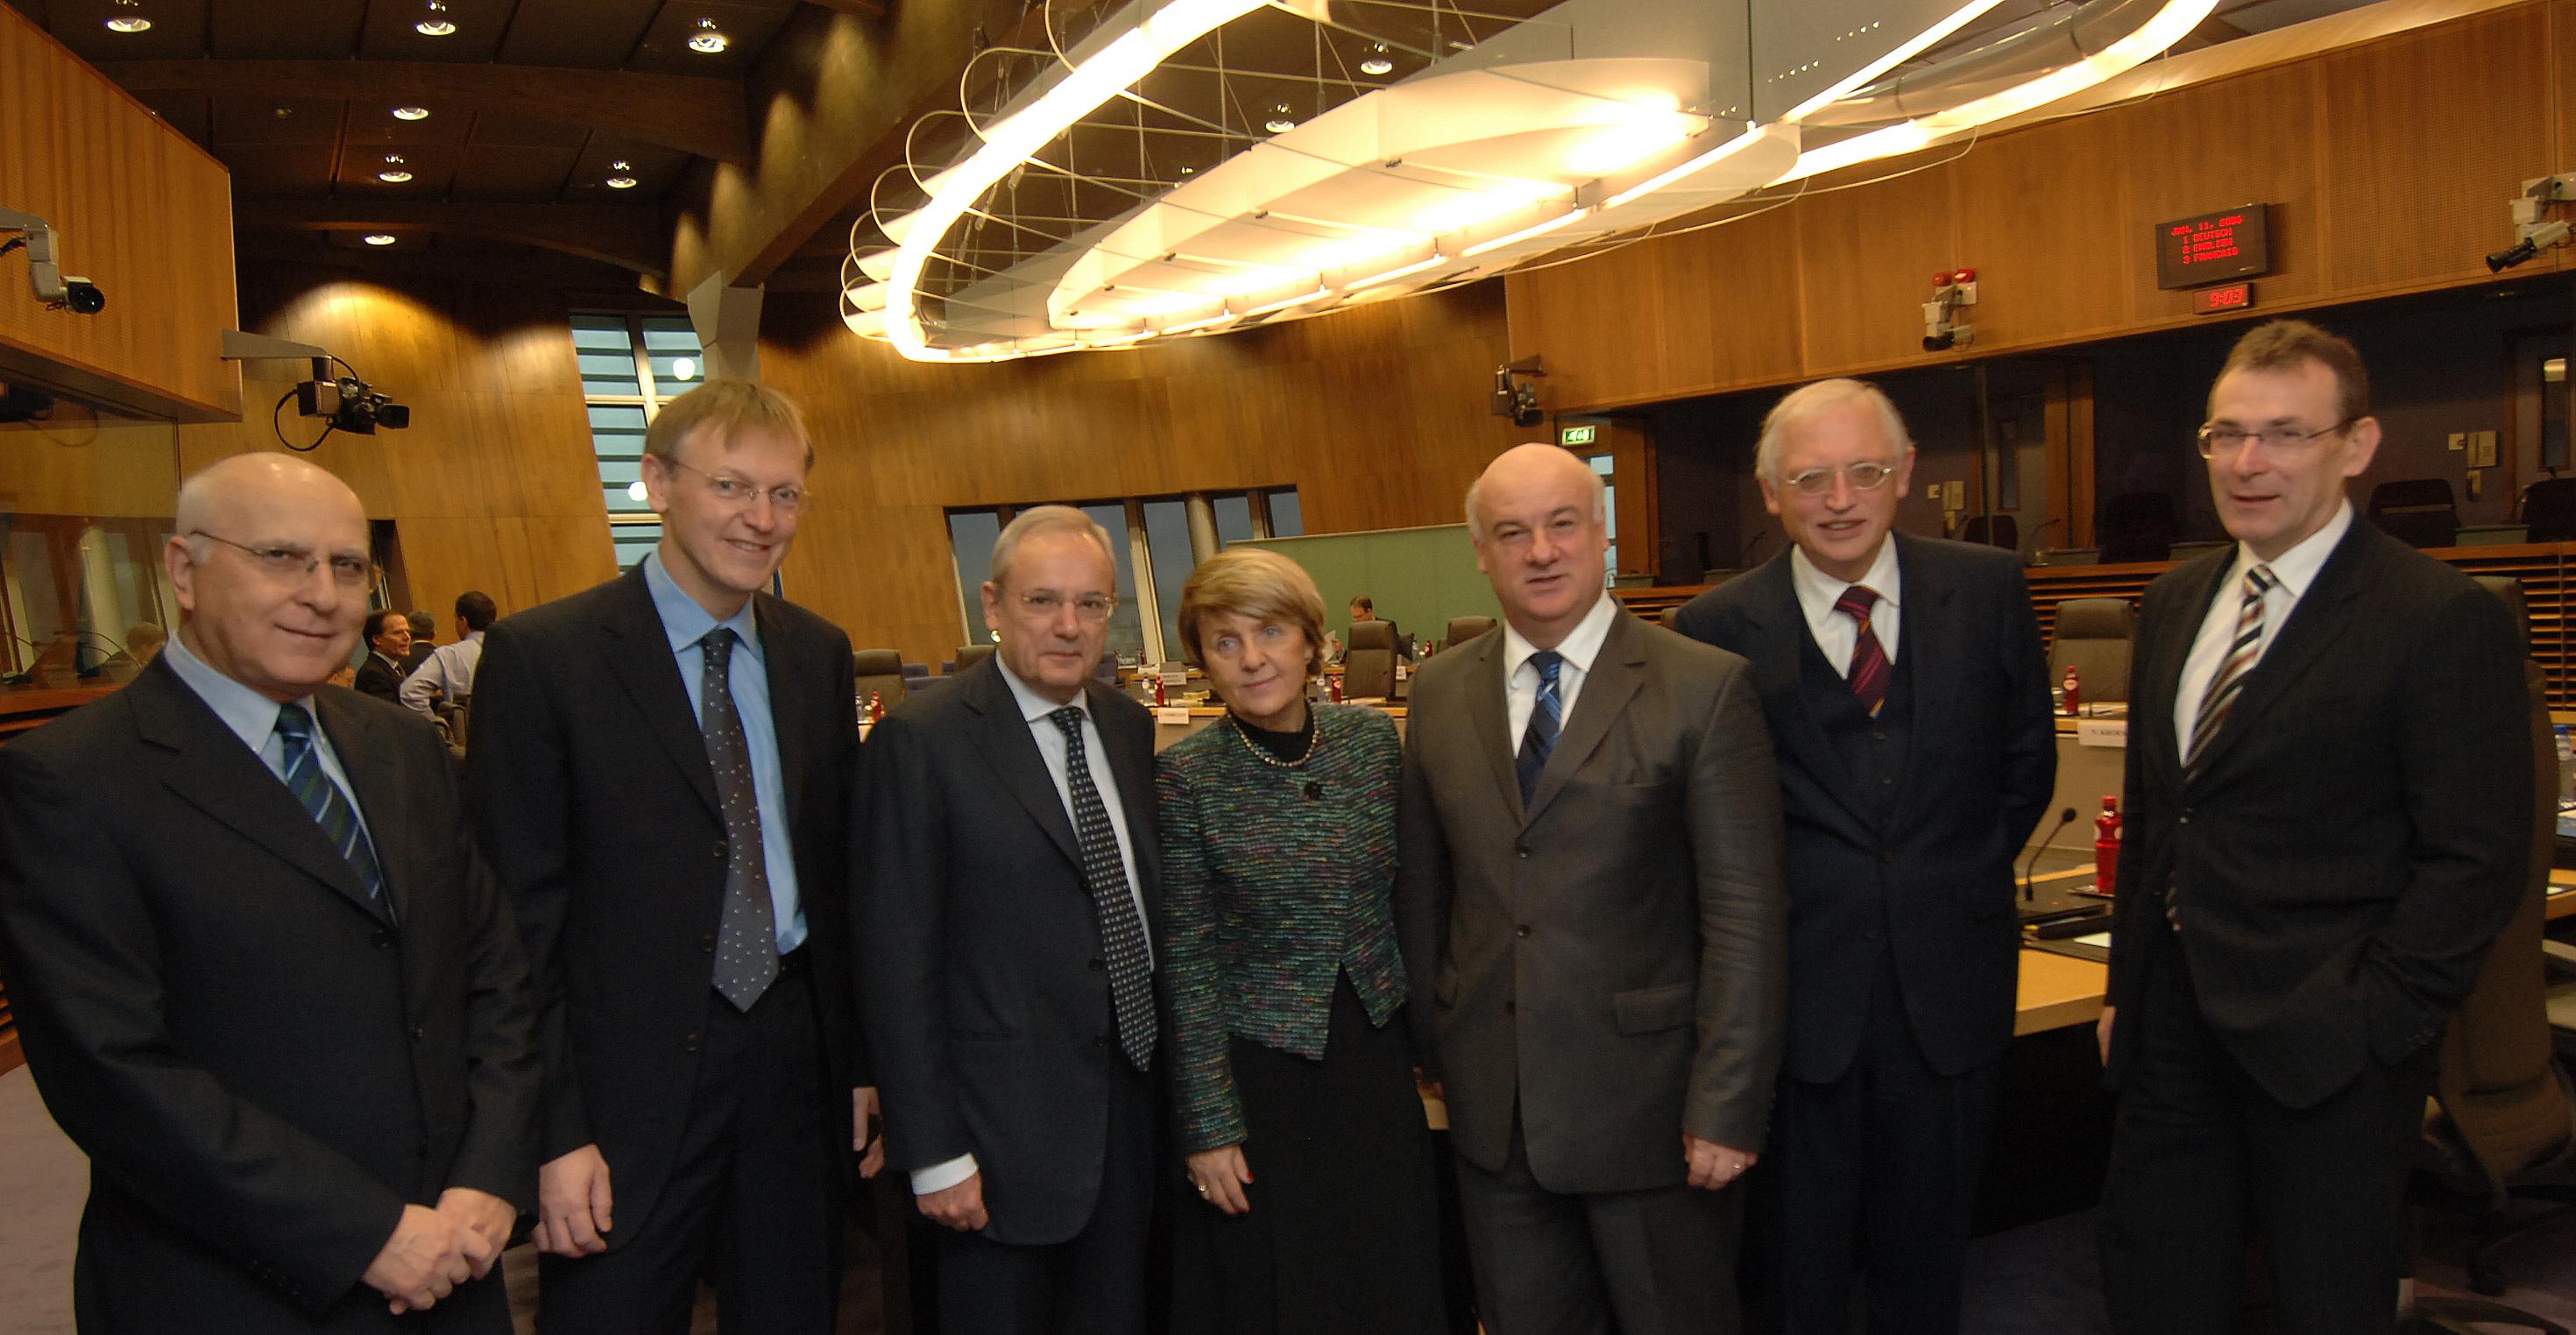 Réunion de la Task Force maritime constituée des membres de la CE chargés des politiques liées à la mer